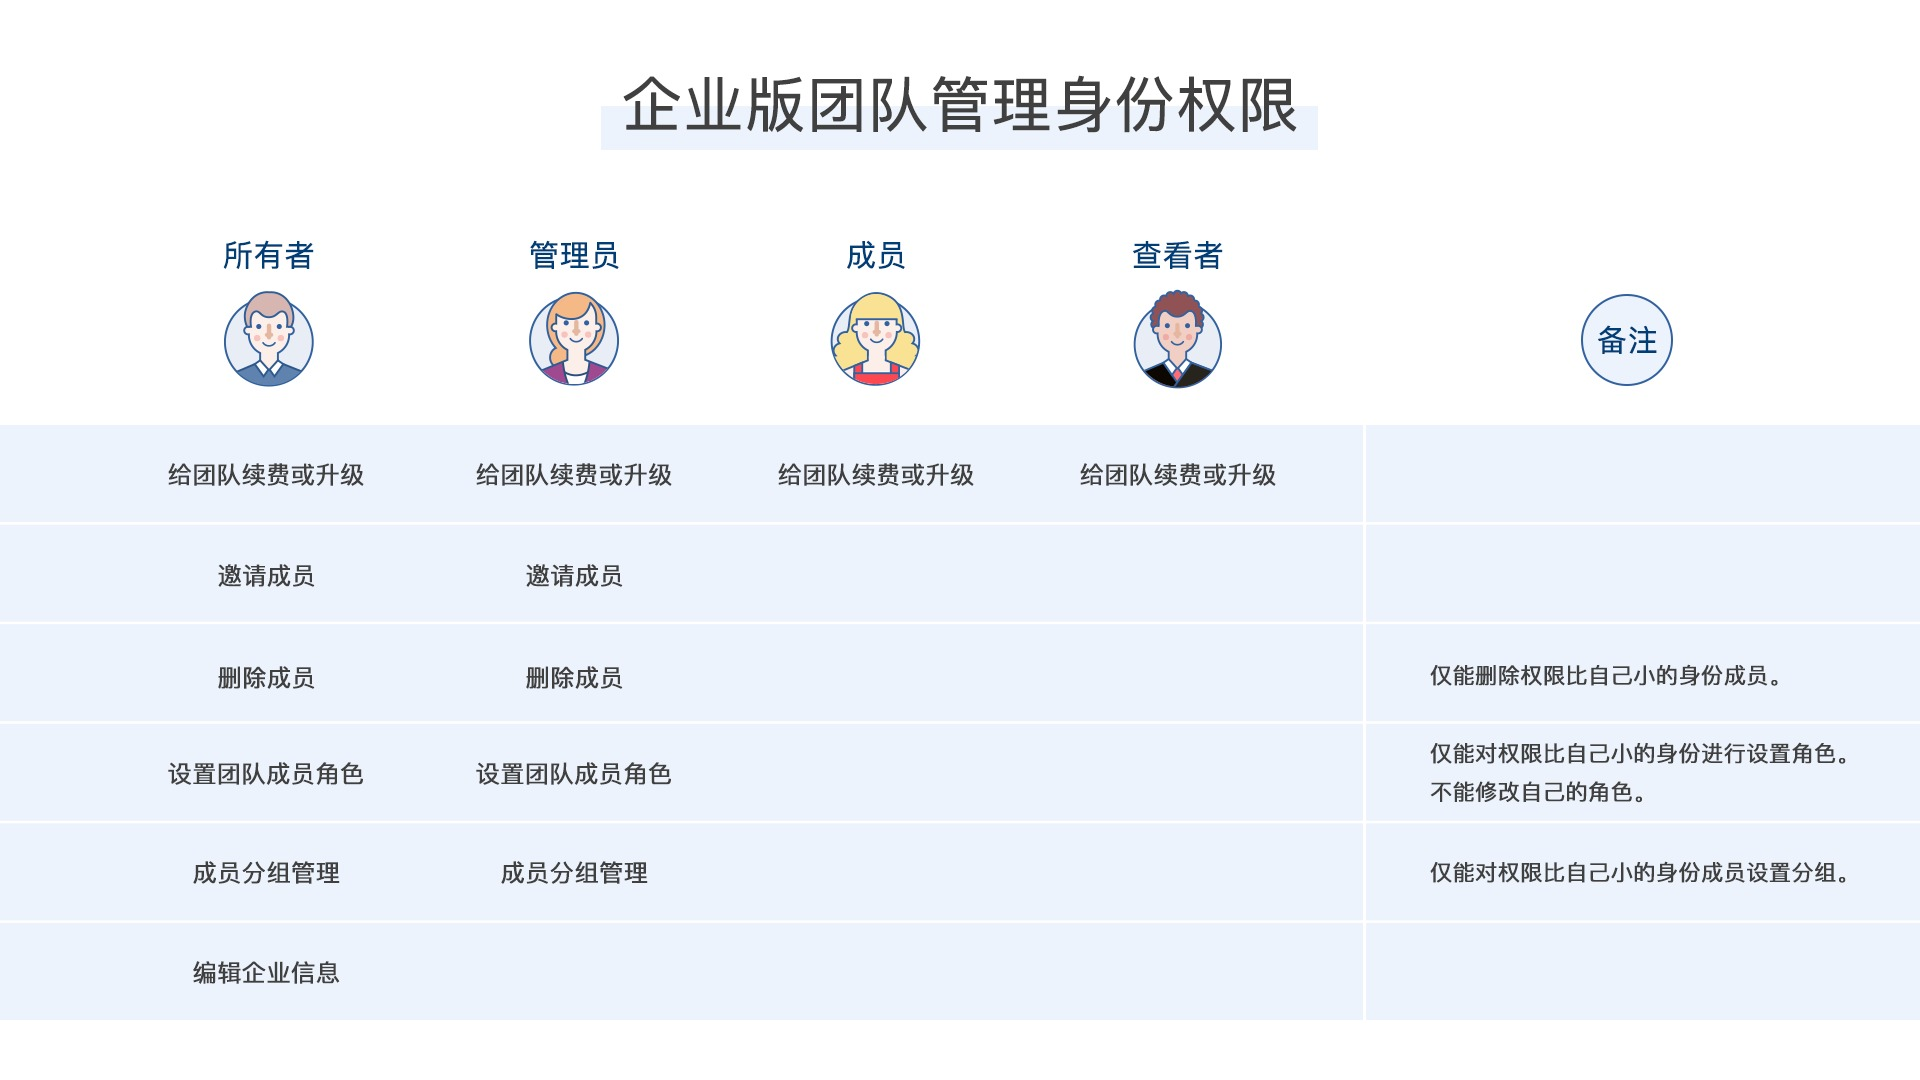 企业版团队管理身份权限